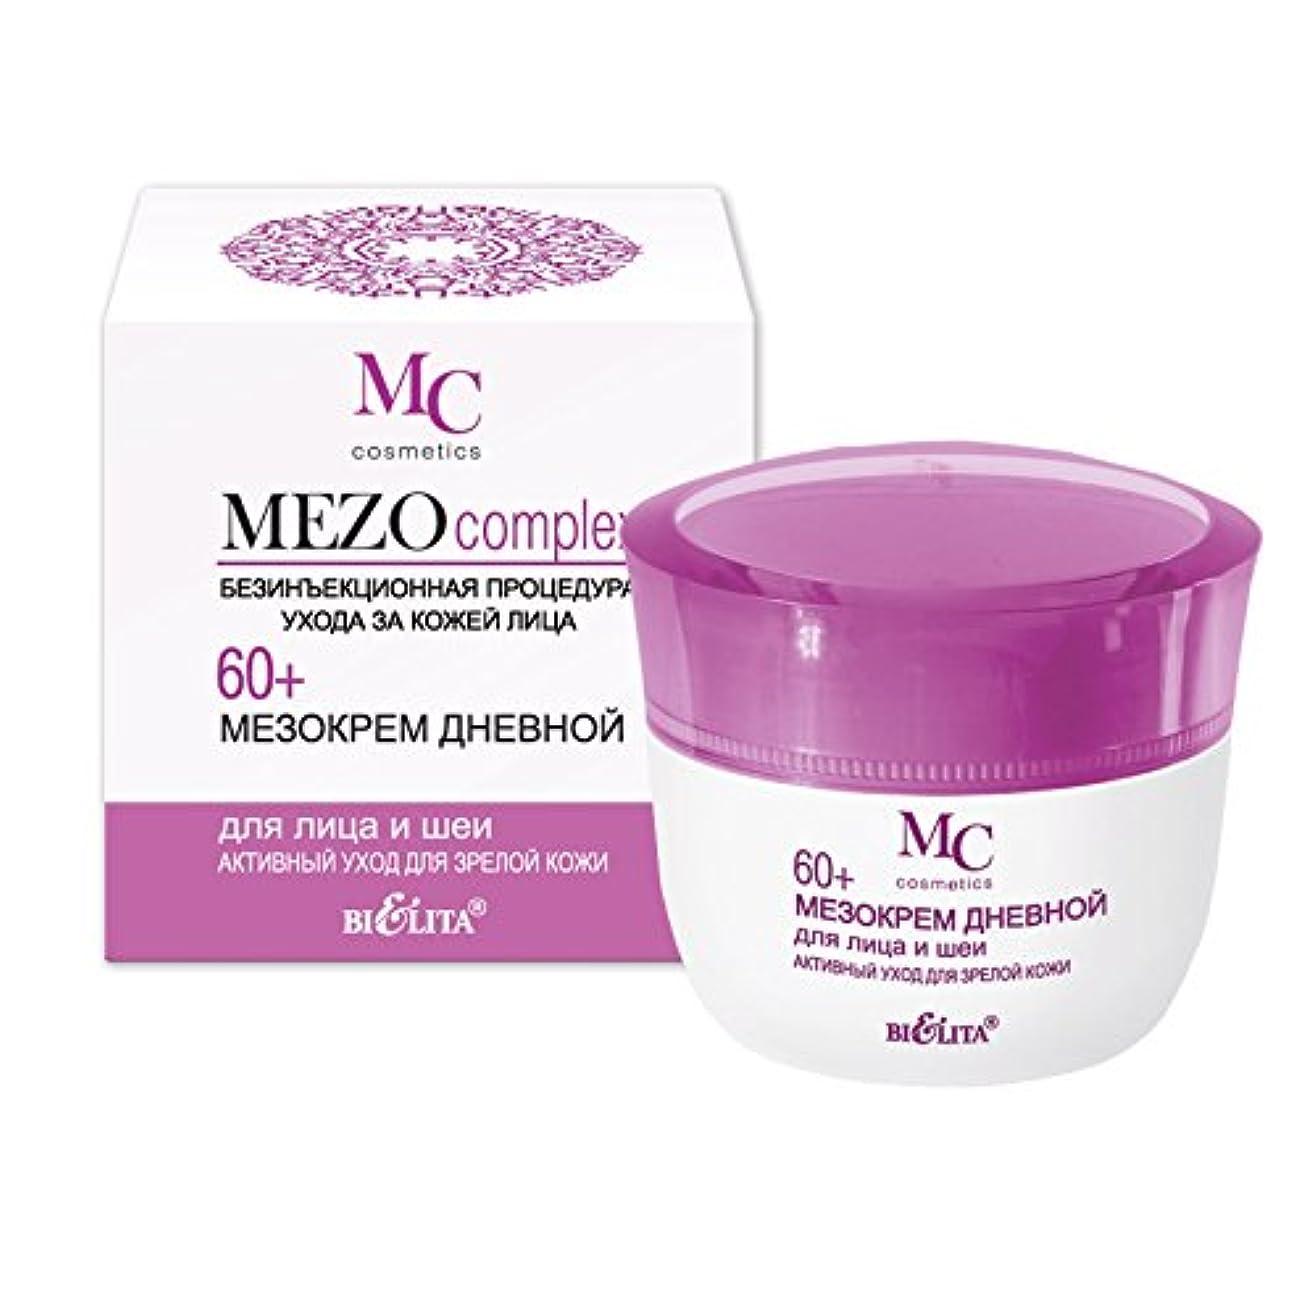 キャンパス同様のゴミSaturated Day Cream (MEZO) is specially designed for the care of mature skin of the face | Hyaluronic acid, Vitamin...